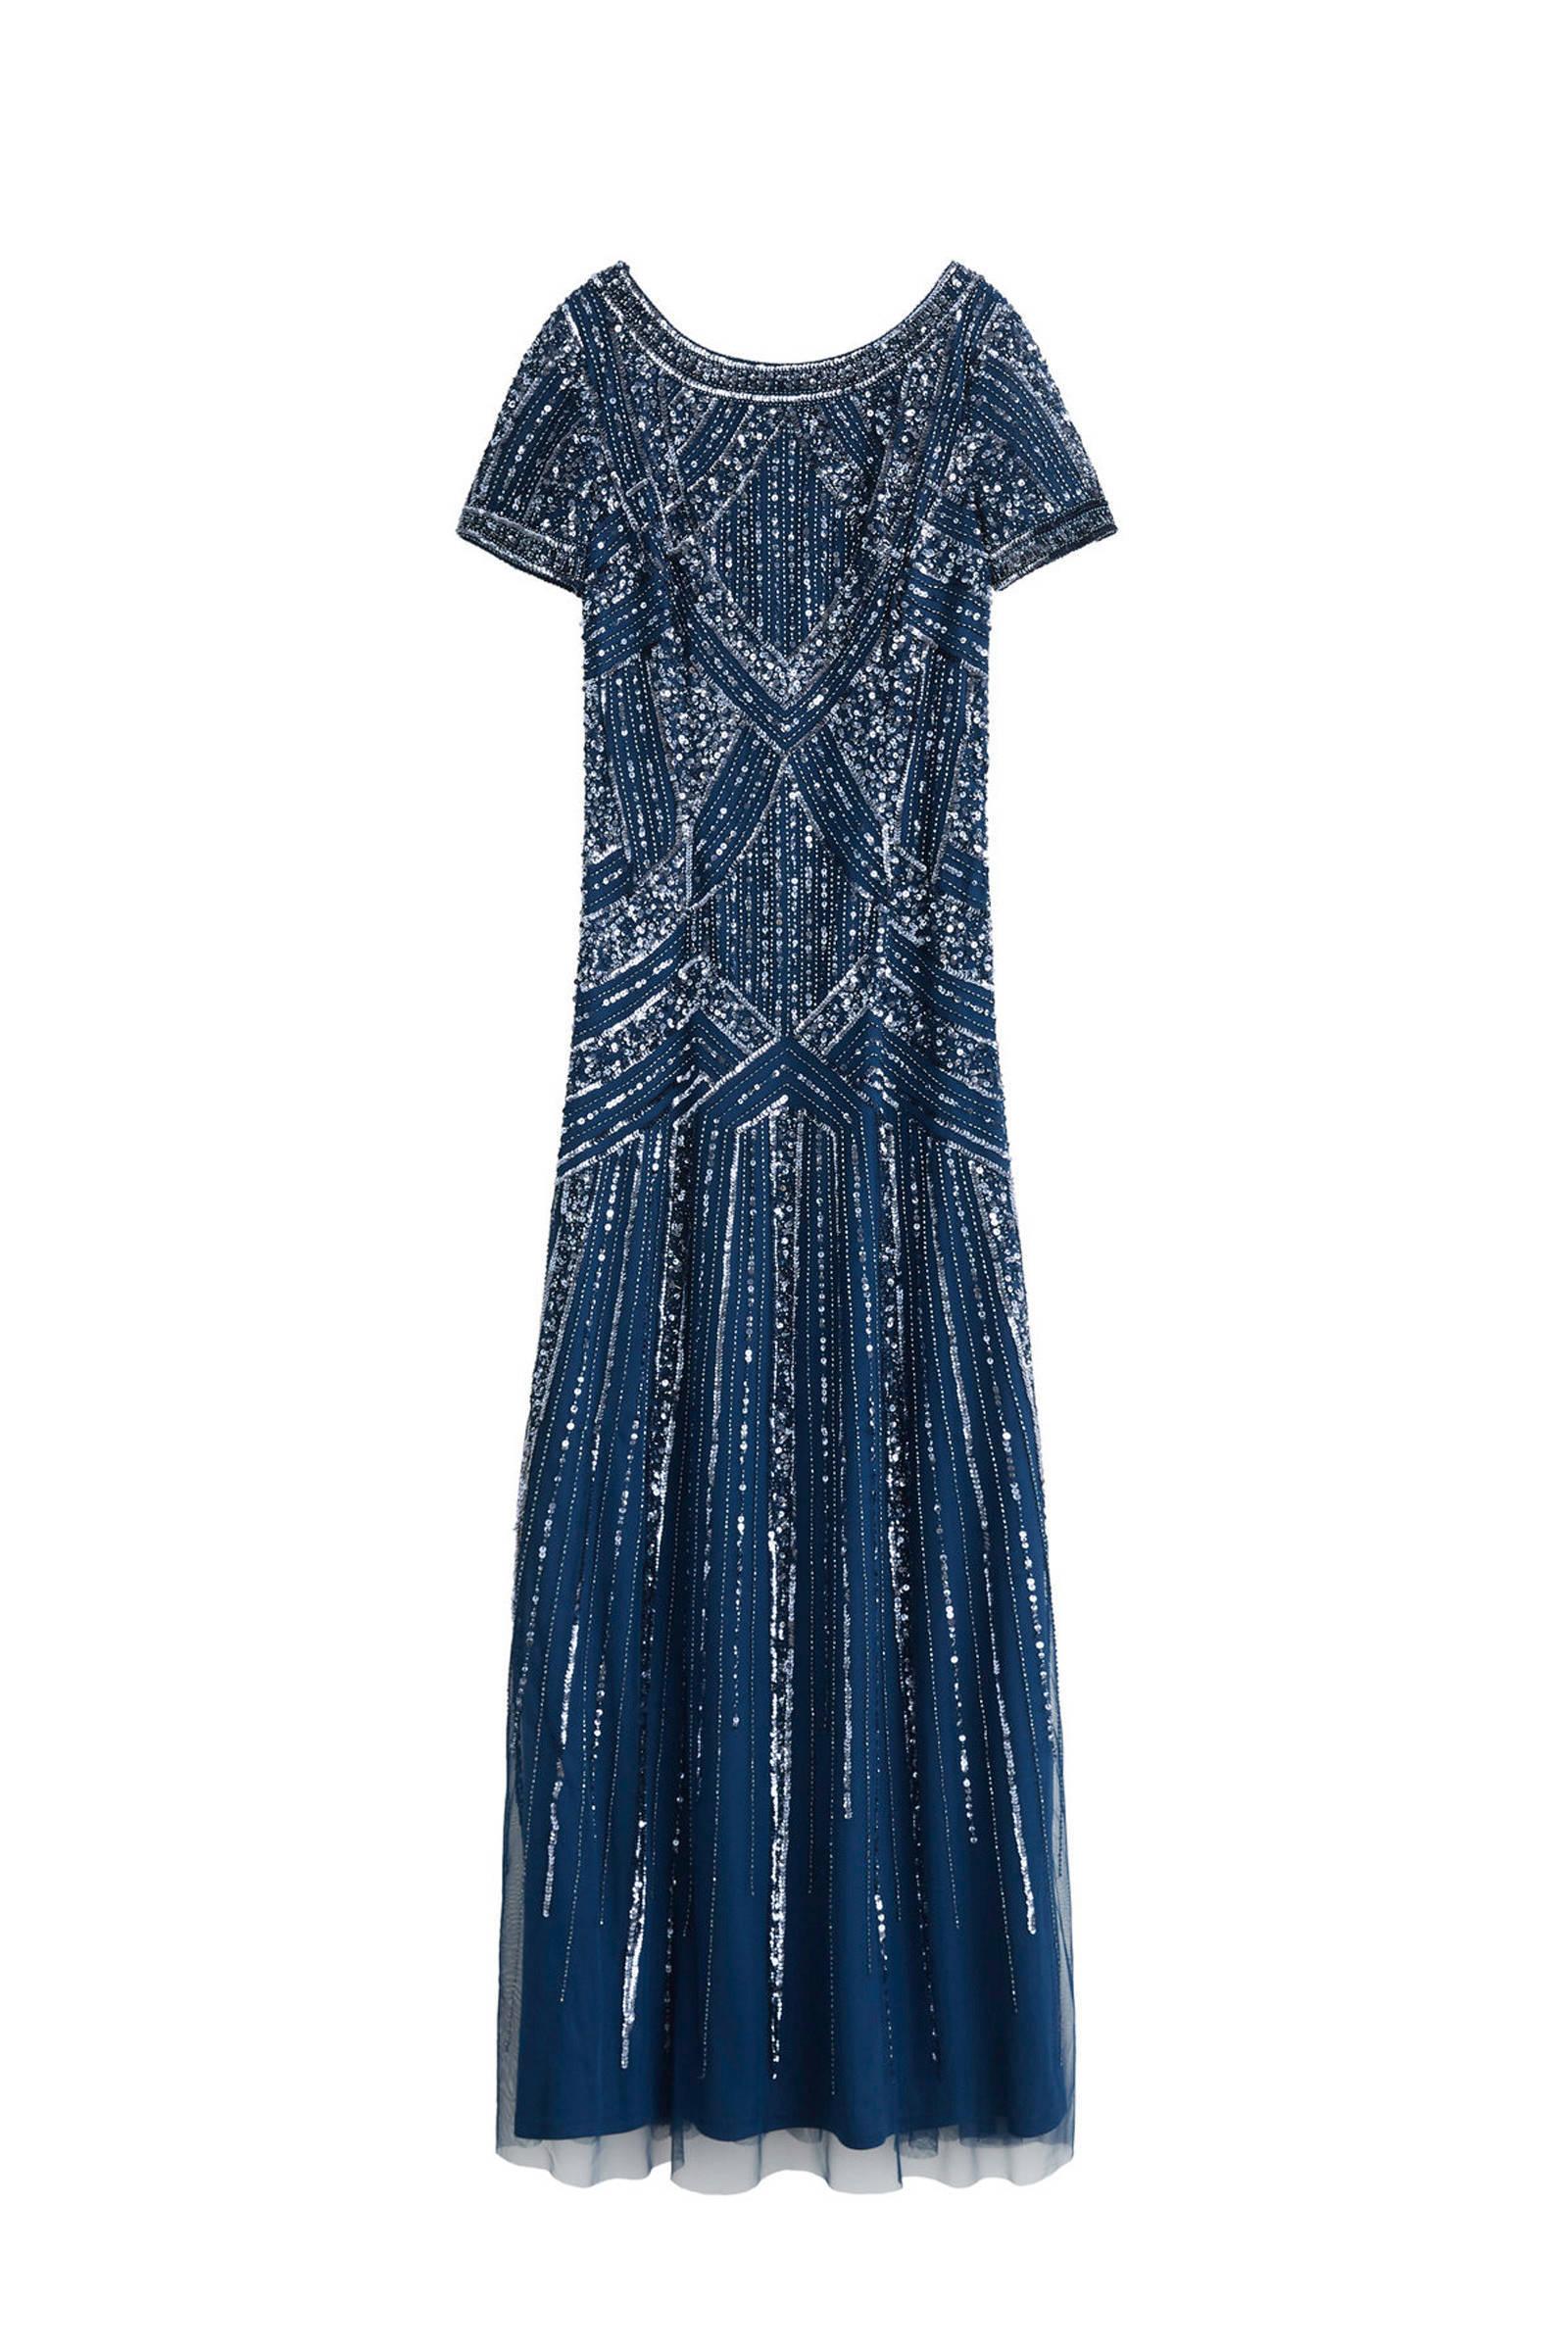 8526fb1cd9cfff Feestkleding voor dames bij wehkamp - Gratis bezorging vanaf 20.-